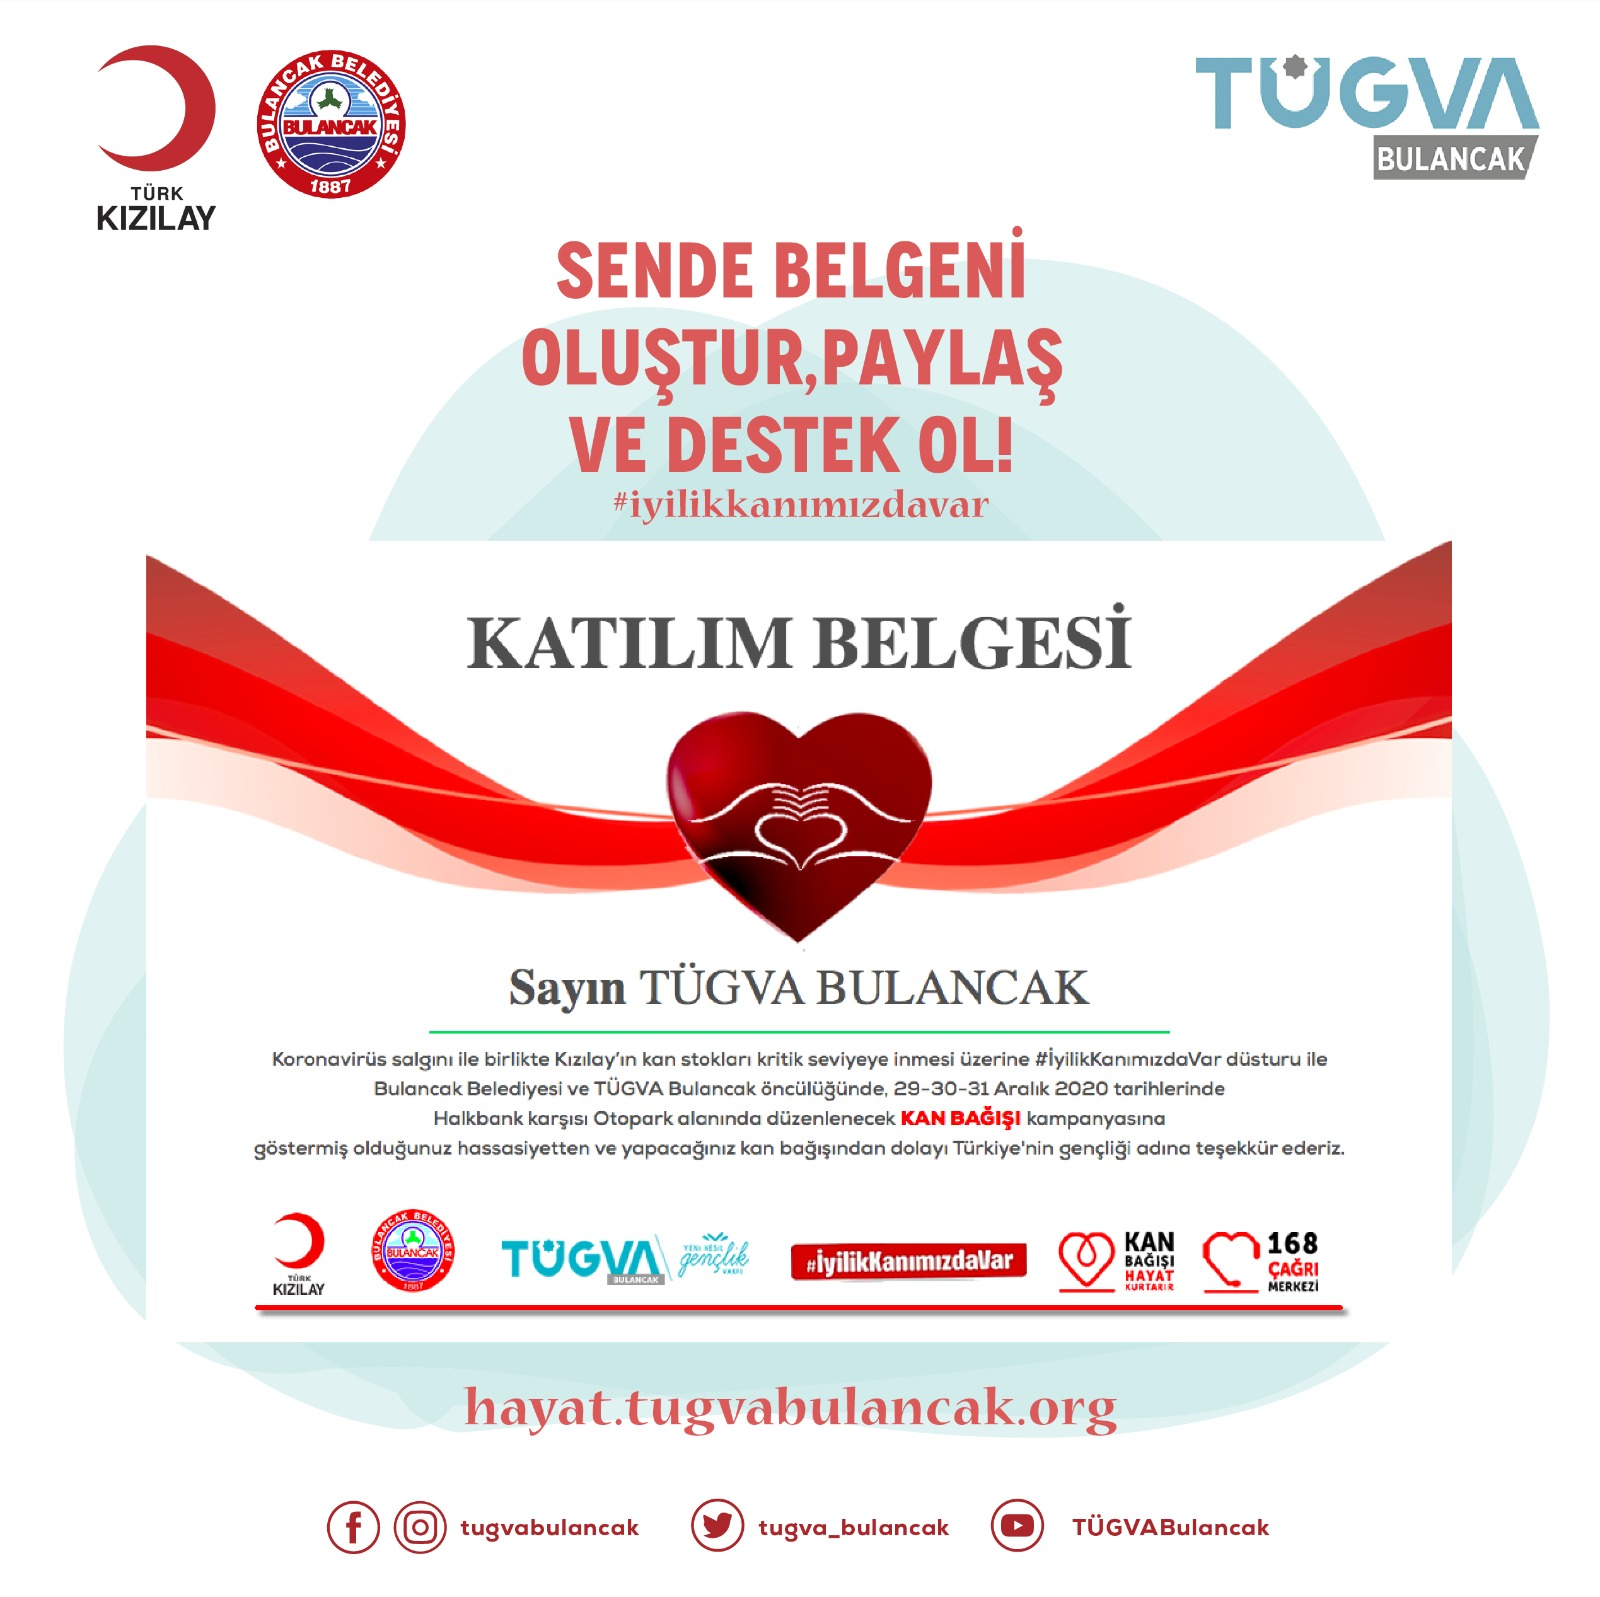 TÜGVA Bulancak'tan Kan Bağışı çağrısı